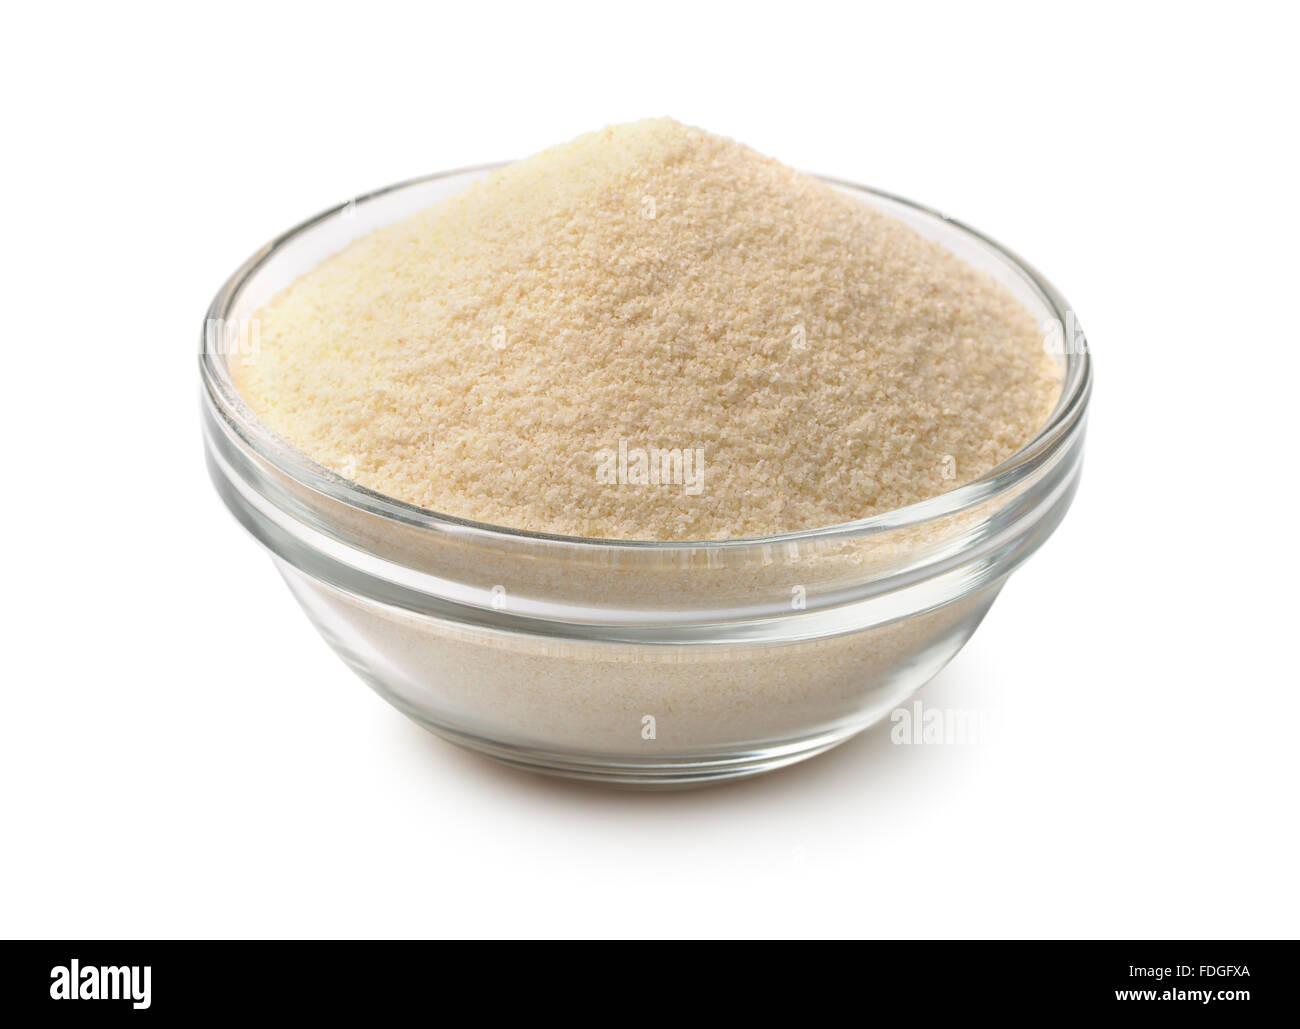 Bowl of semolina isolated on white - Stock Image